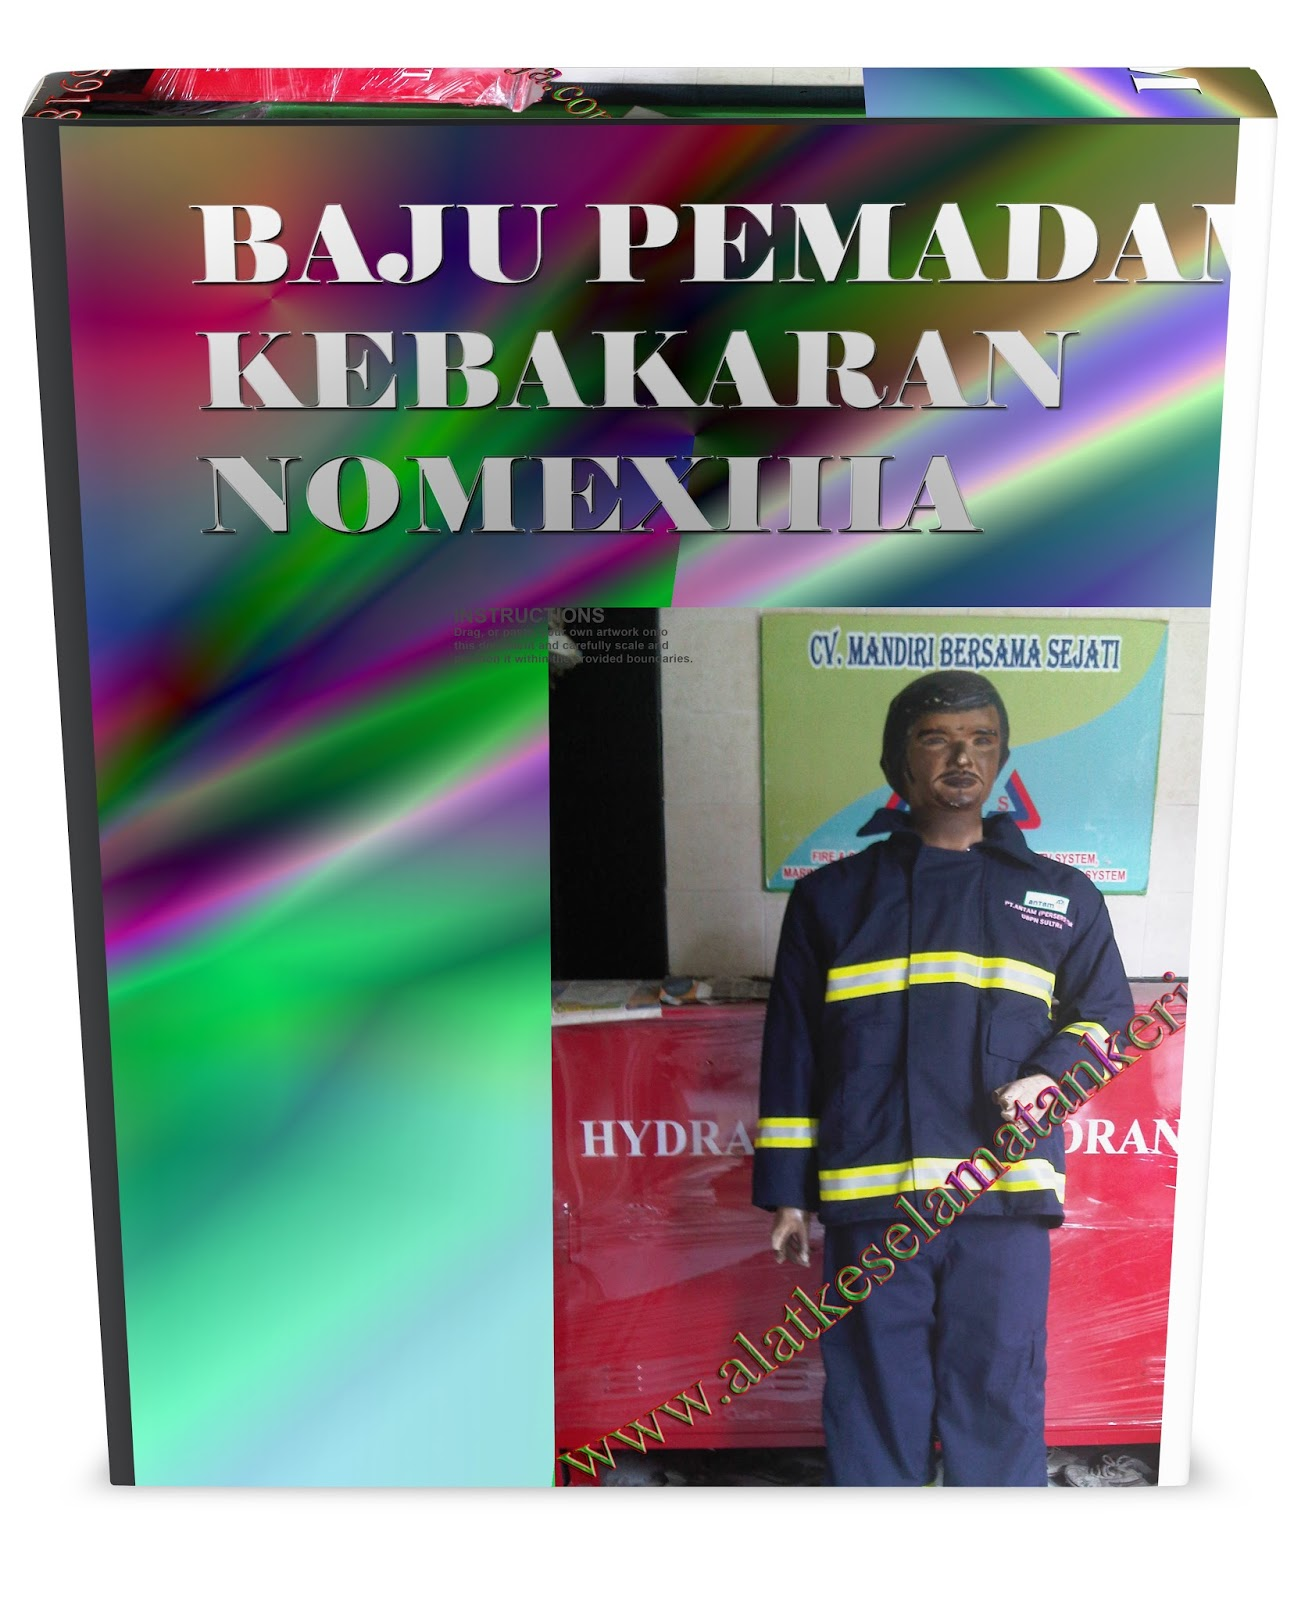 Baju nomex pemadam kebakaran gedung beringkat